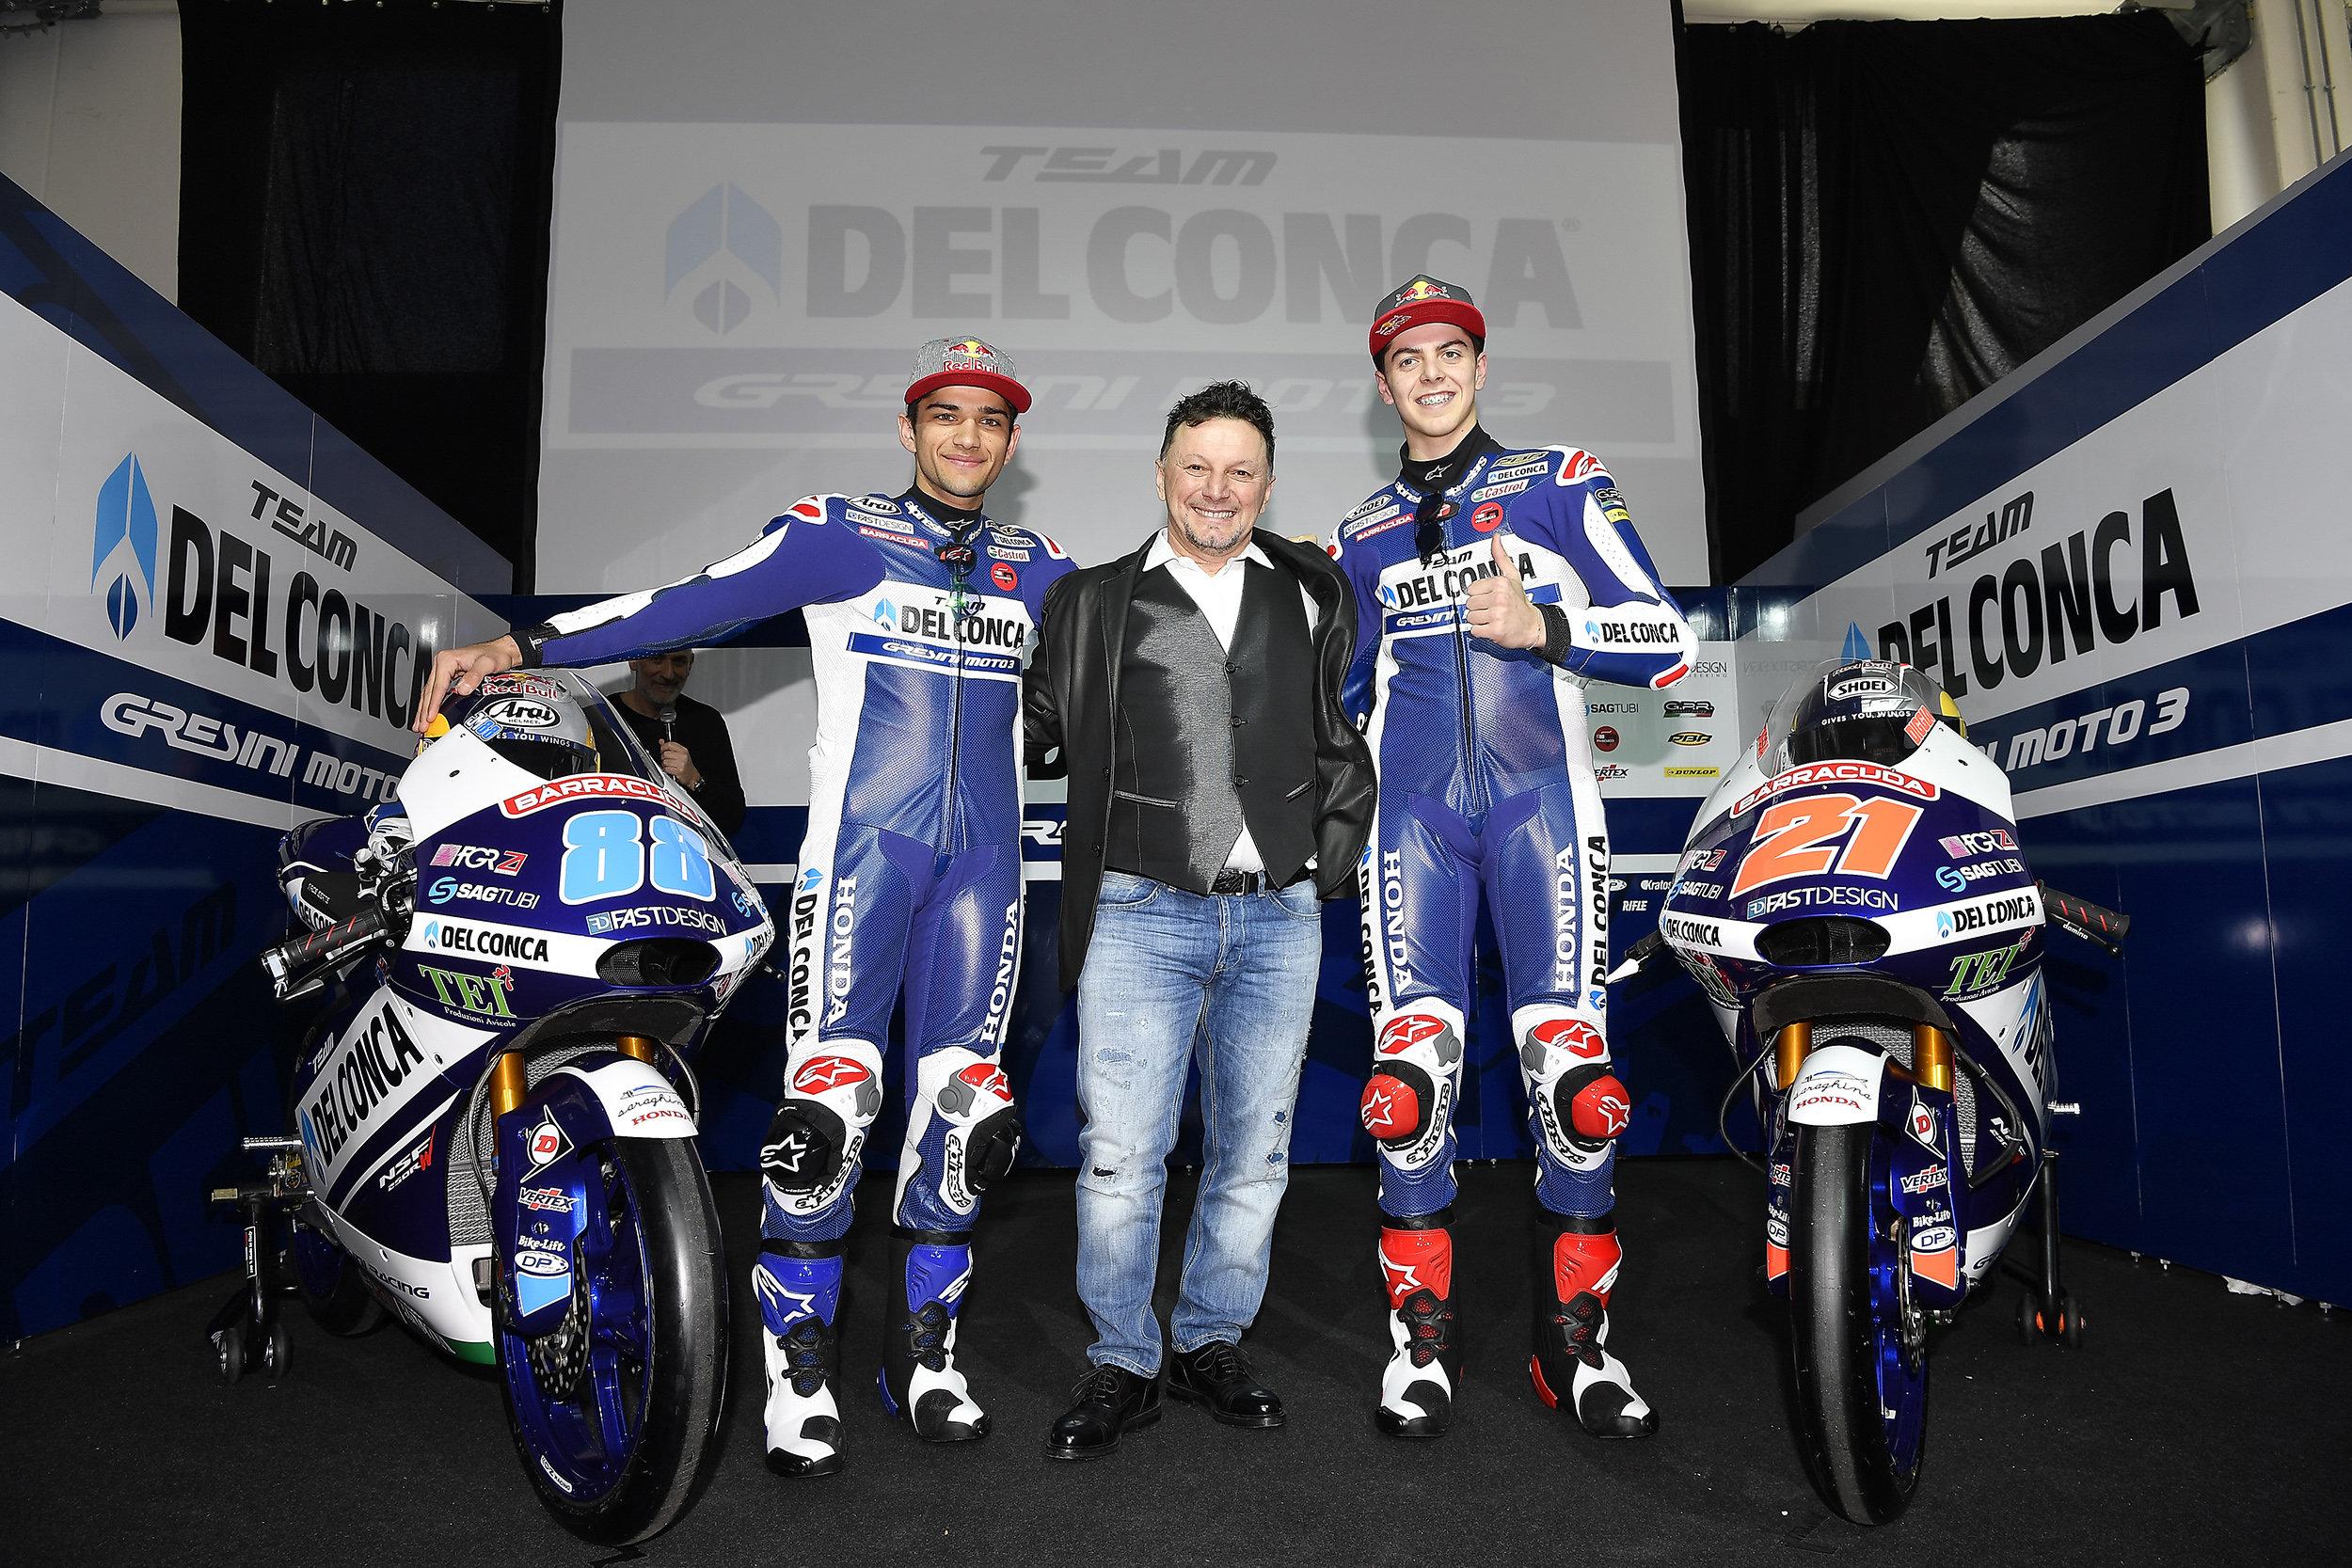 Gresini presenta el equipo de Jorge Martín y Diggia